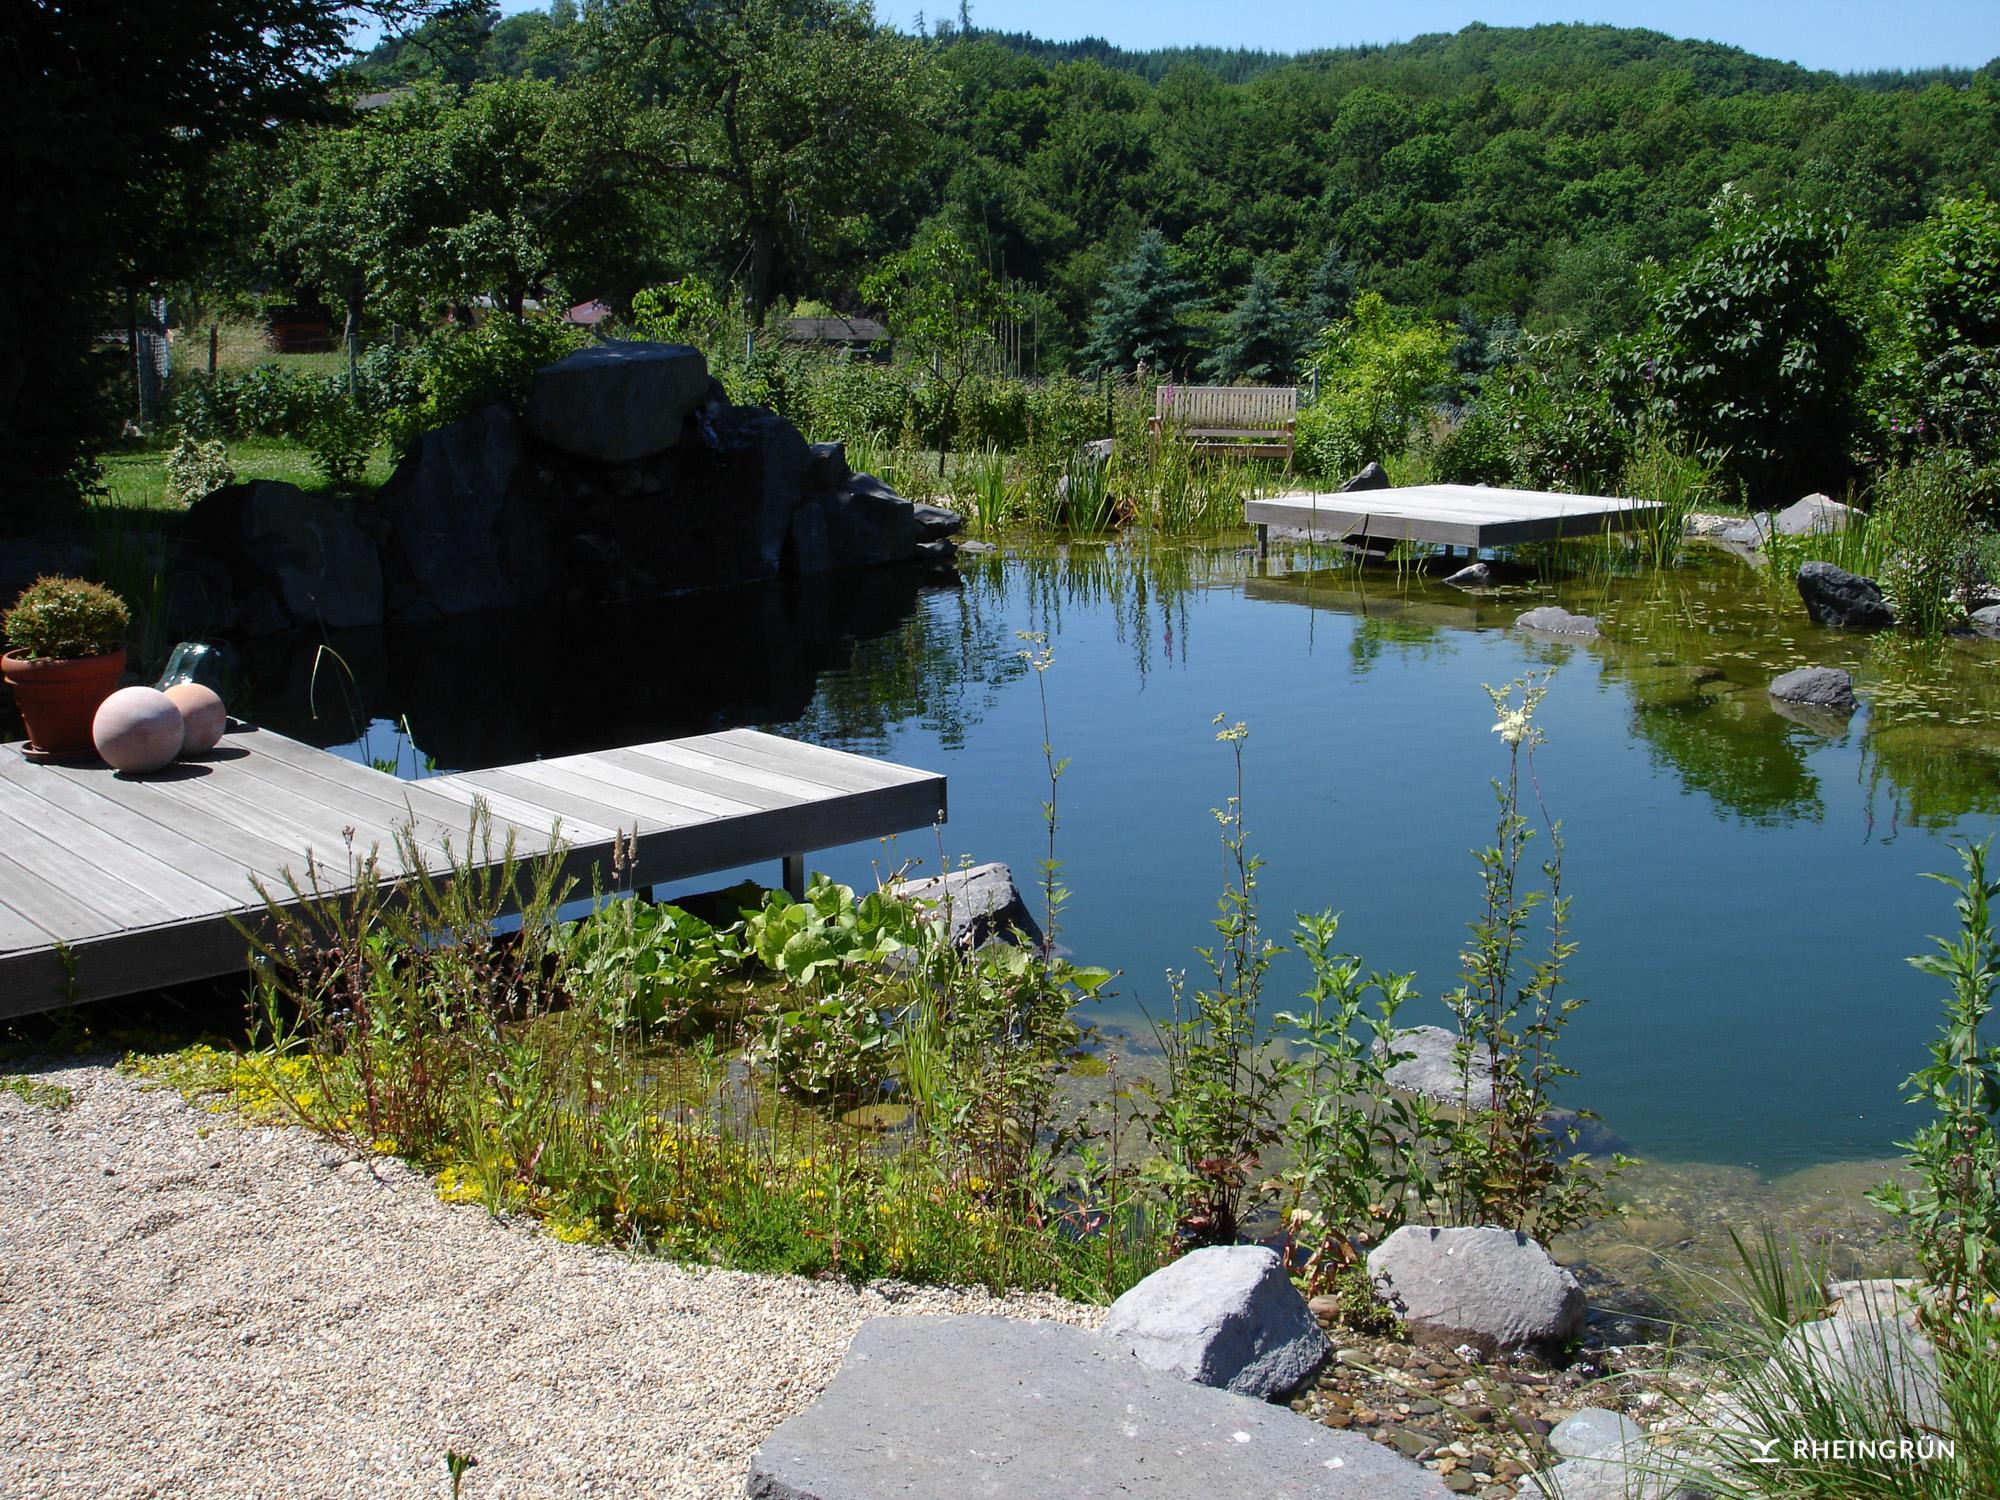 Prachtvoller Garten auf dem Land mit großem Schwimmteich am Hang